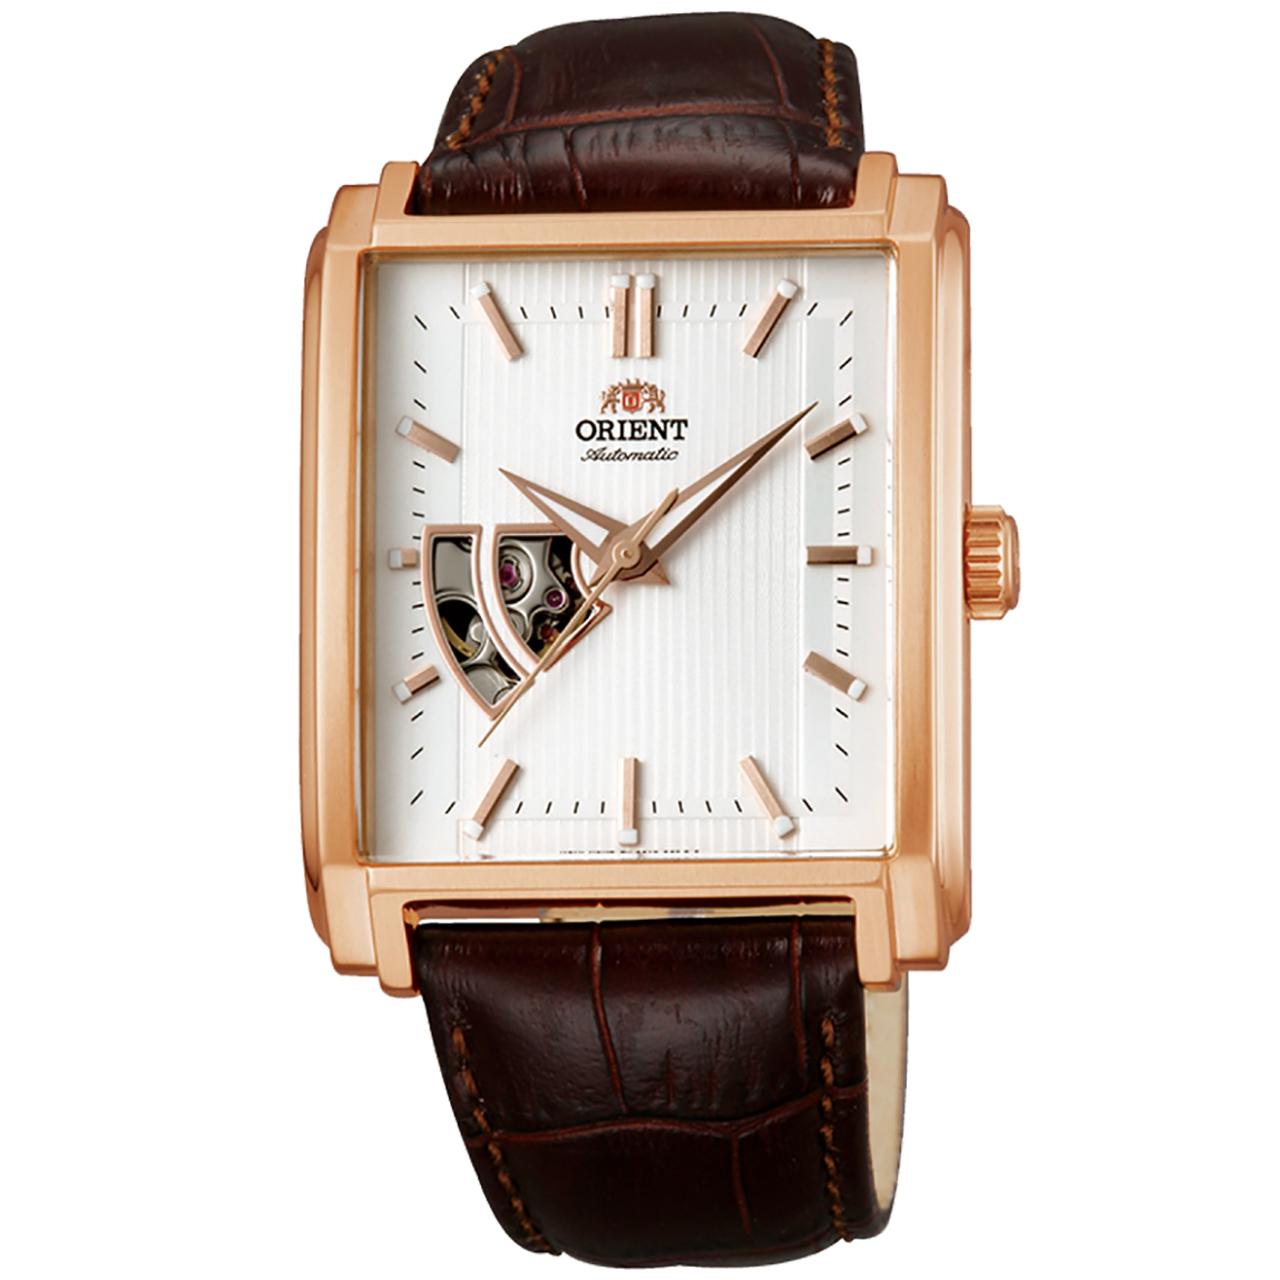 ساعت مچی عقربه ای مردانه اورینت مدل SDBAD002W0 31